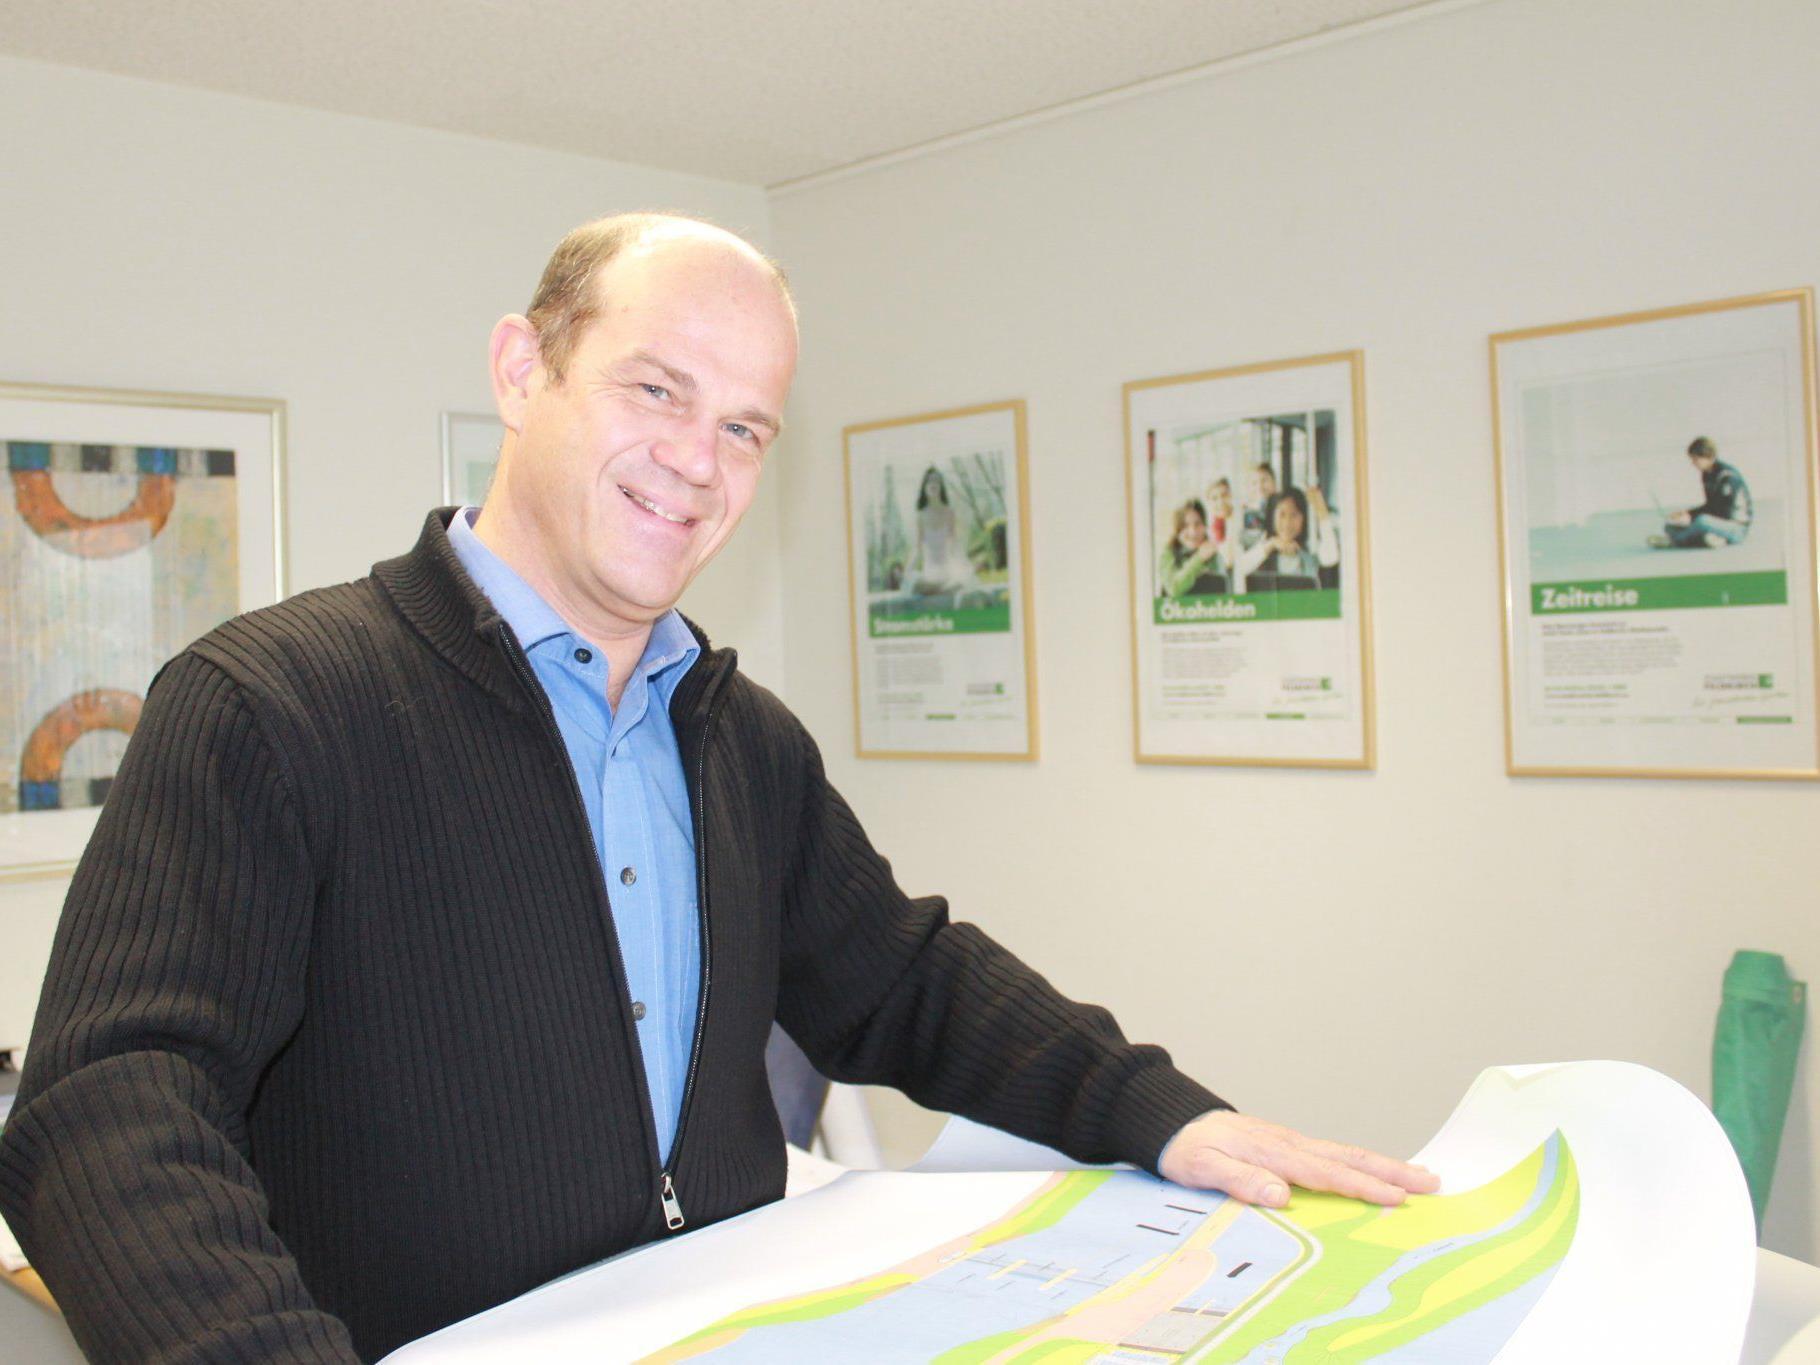 Der Leiter der Stadtwerke DI Dr. Manfred Trefalt